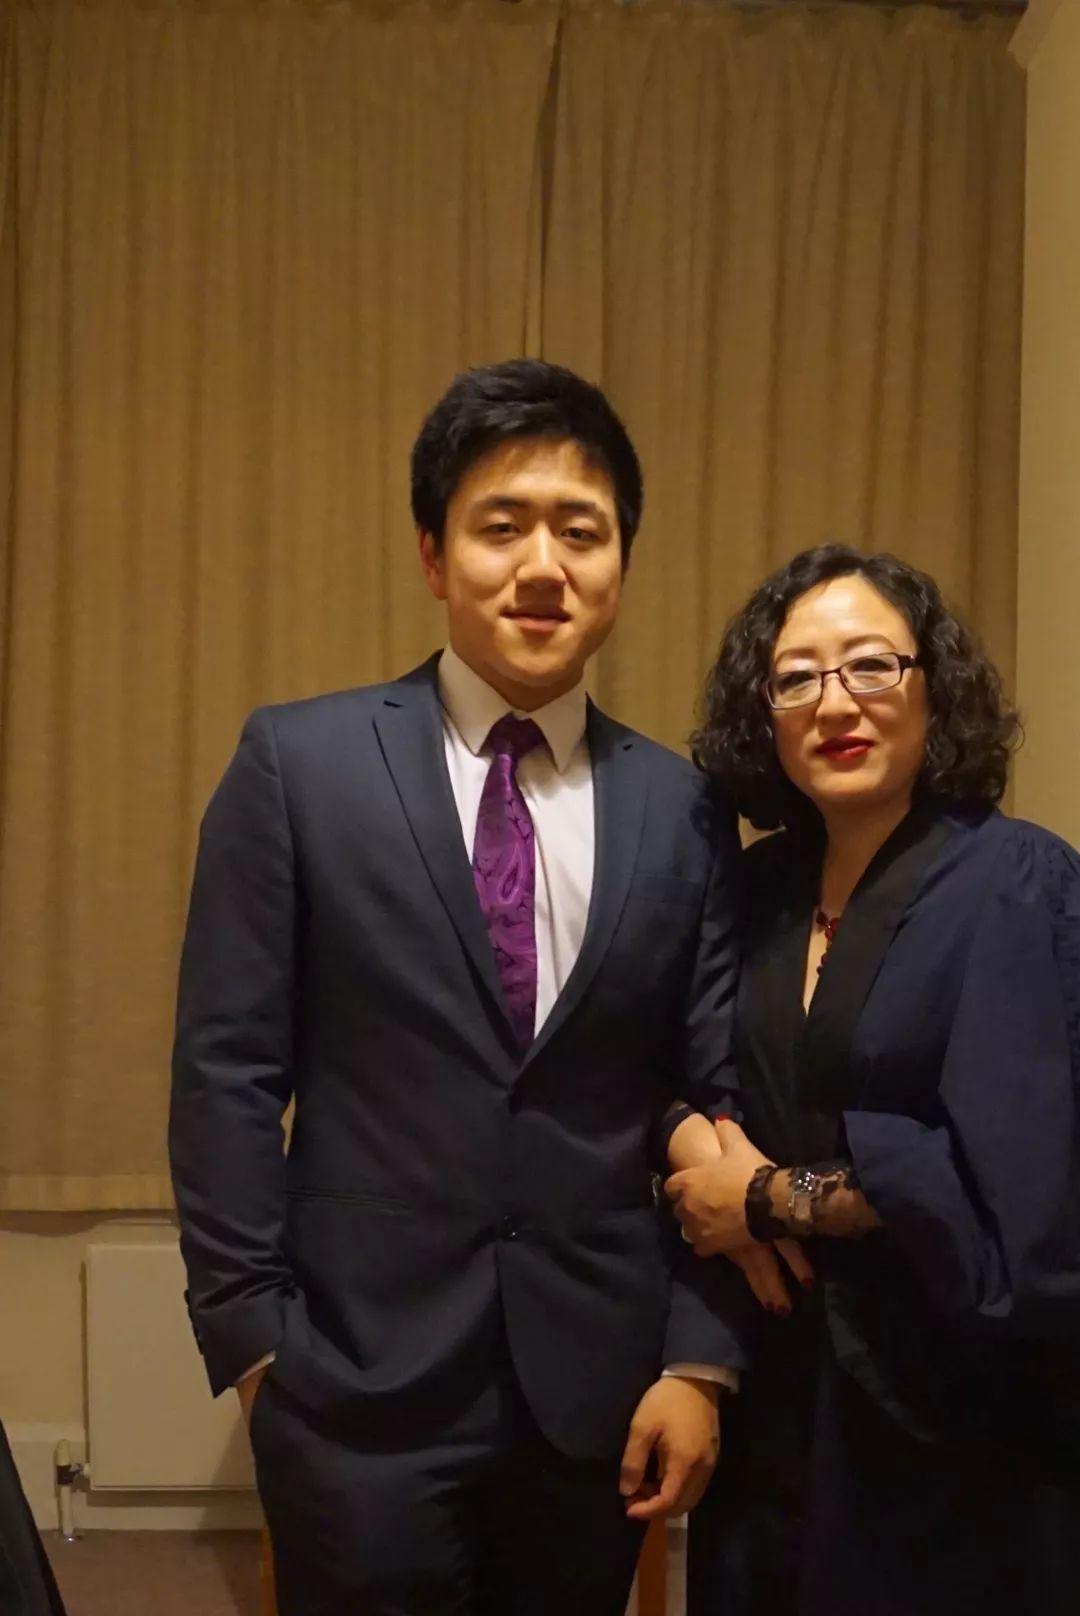 获得英国皇室勋章的中国妈妈,用这一套理念把孩子送进剑桥最牛学院